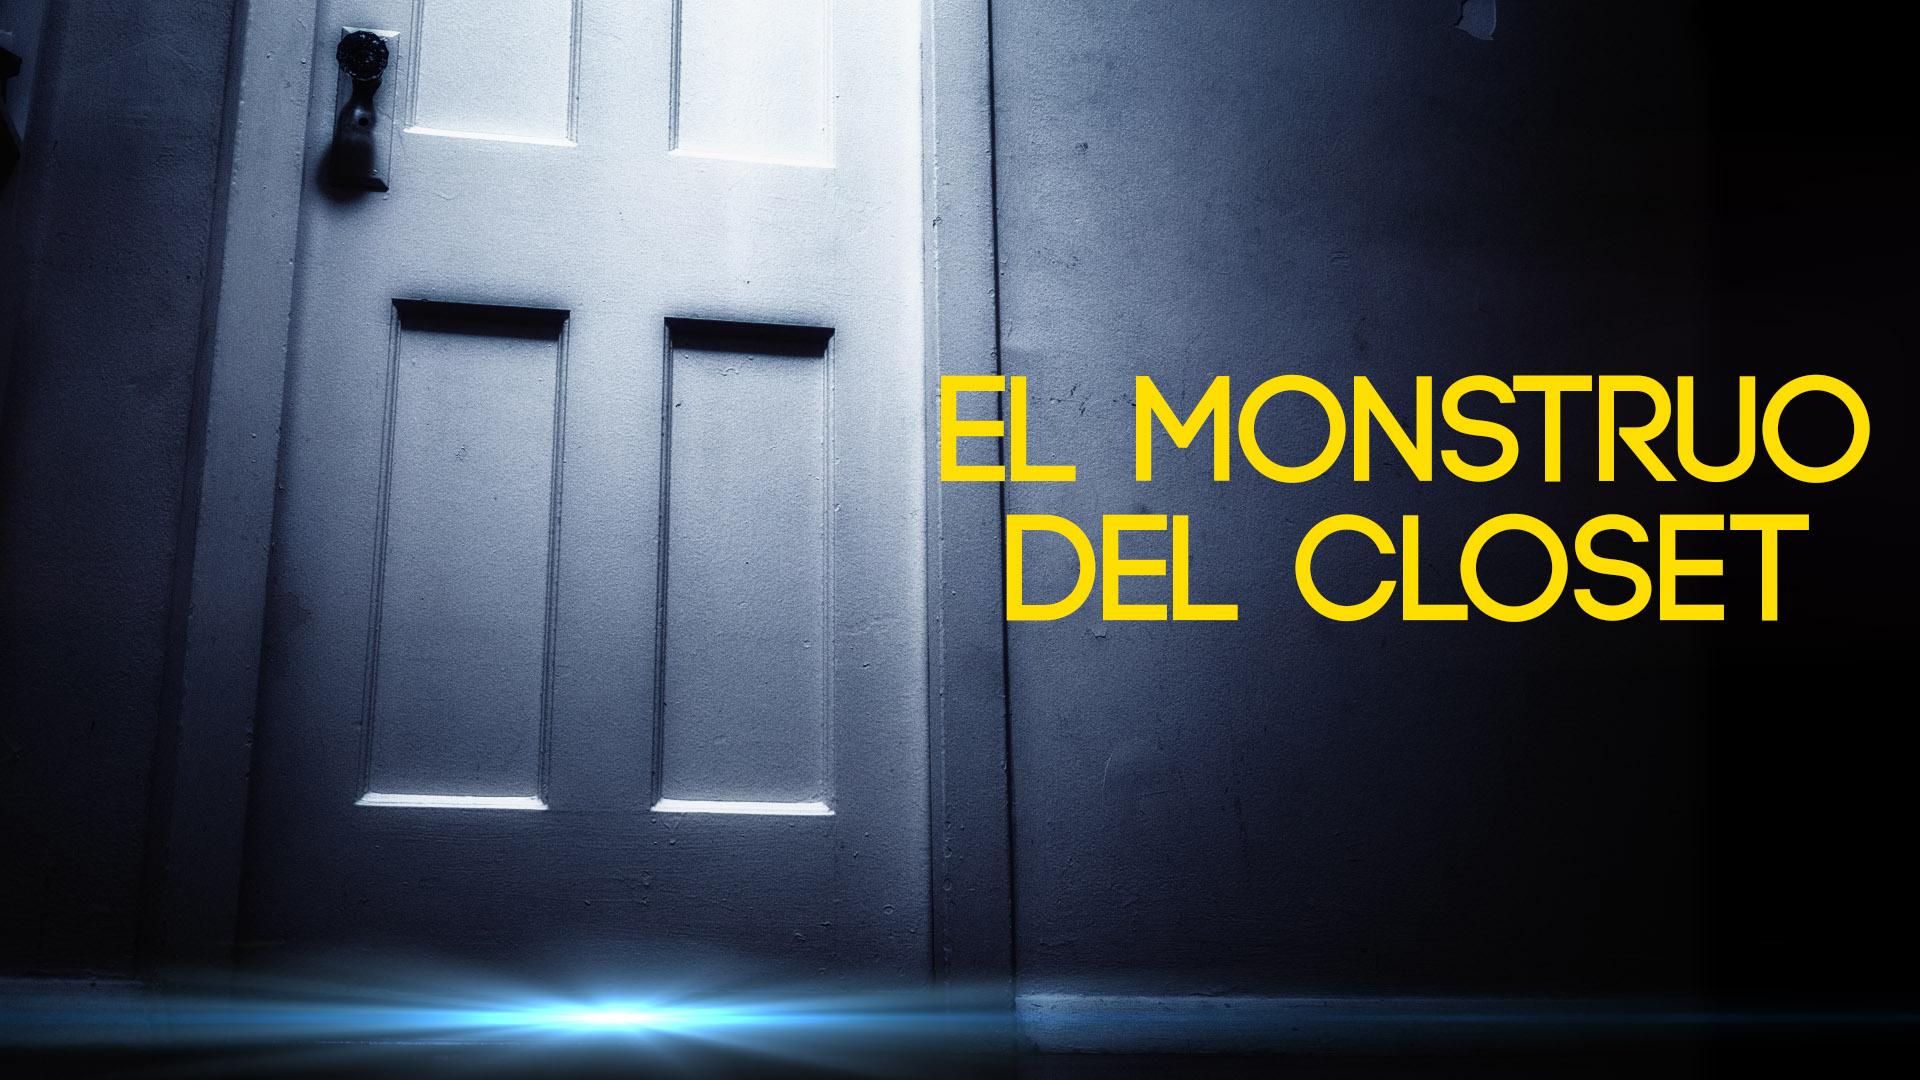 Closetmonster_Title.jpg